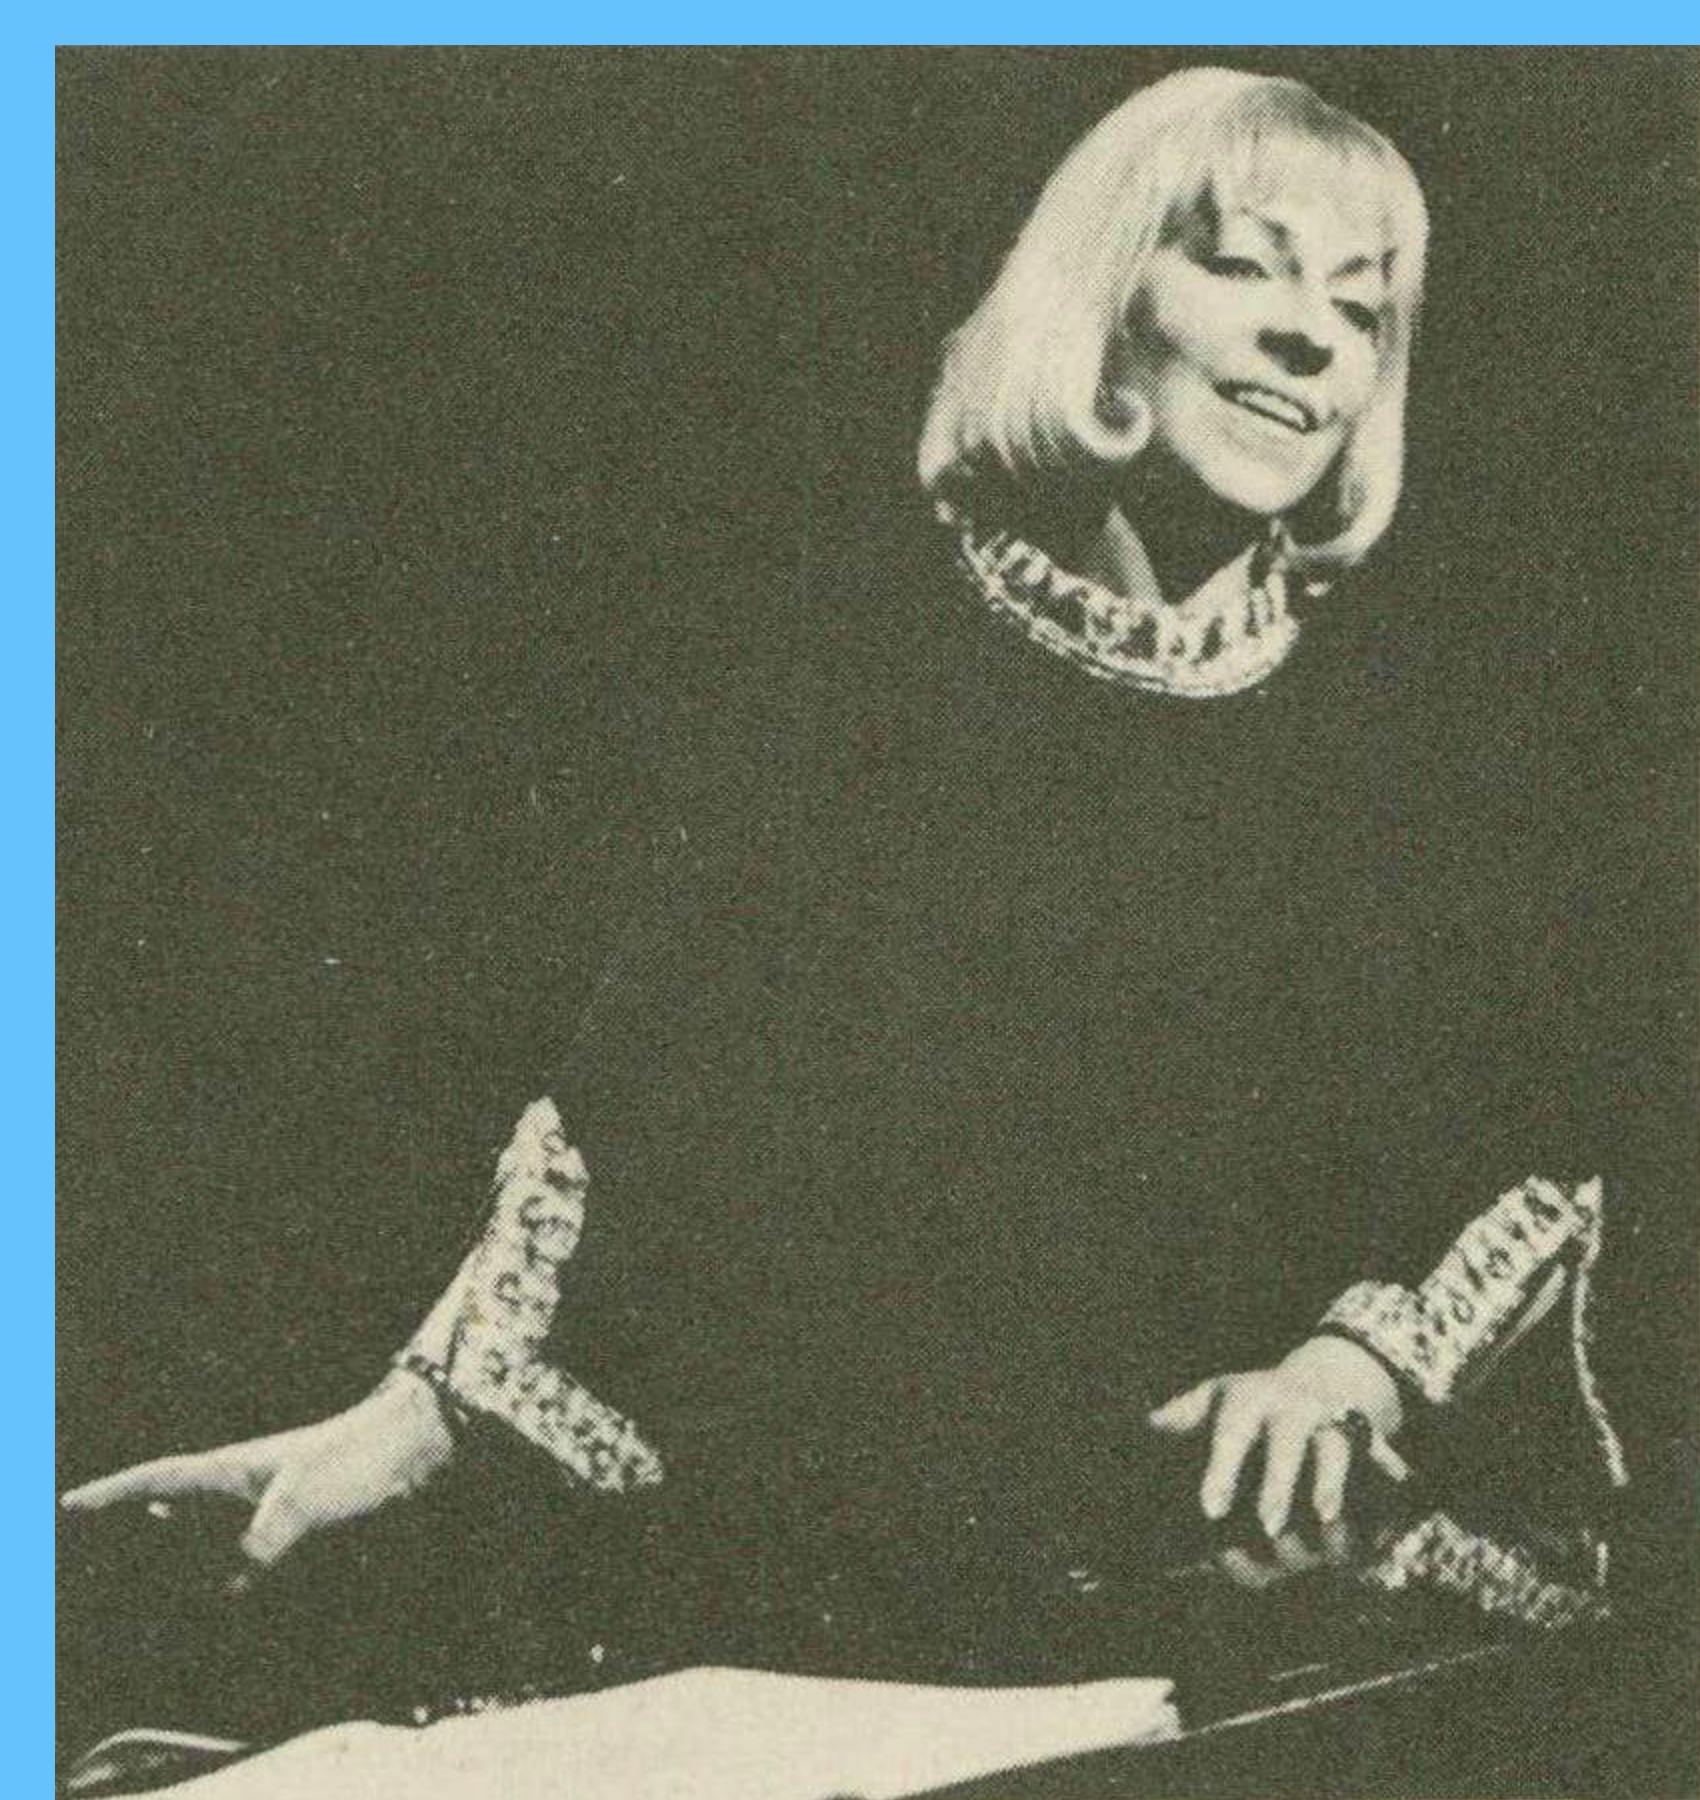 Lucienne Devallier chantant le «Frauenliebe und Leben» de Schumann, photo RTS publiée entre autres dans la revue Radio Je vois tout TV du 9 octobre 1969, No 41, Supplement page XVI